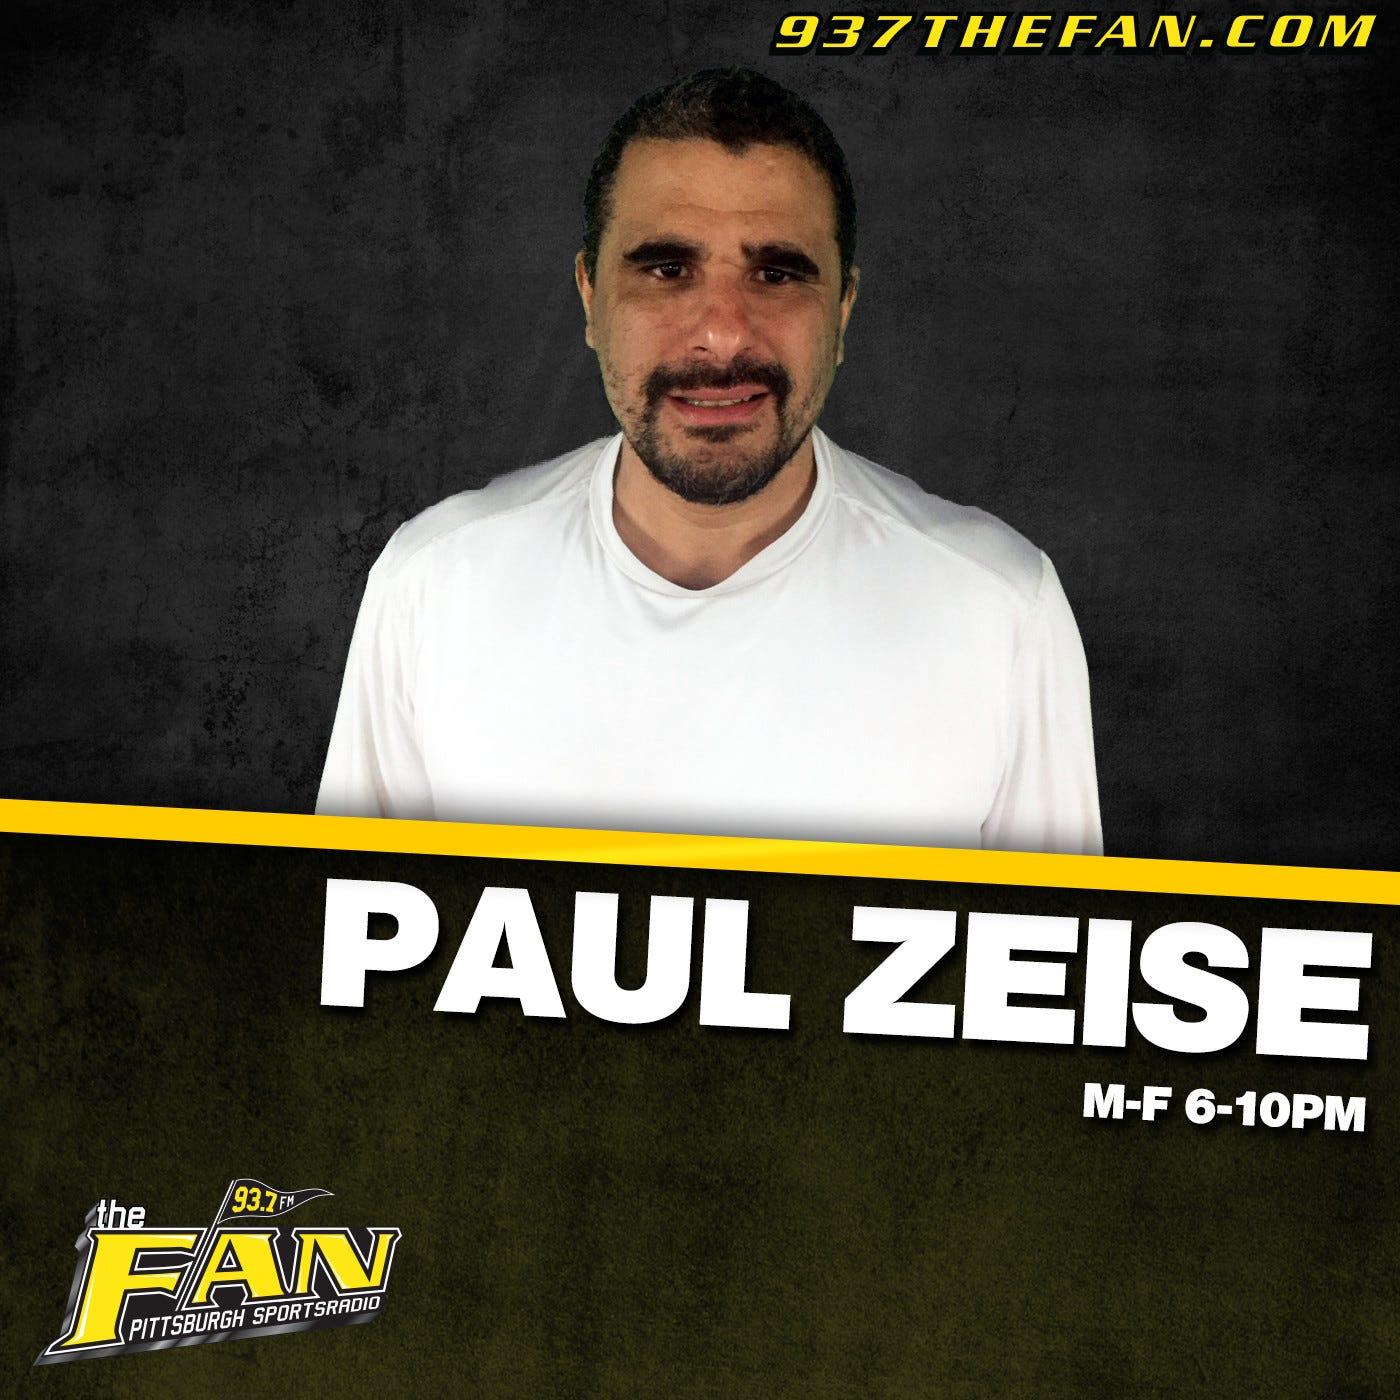 Paul Zeise